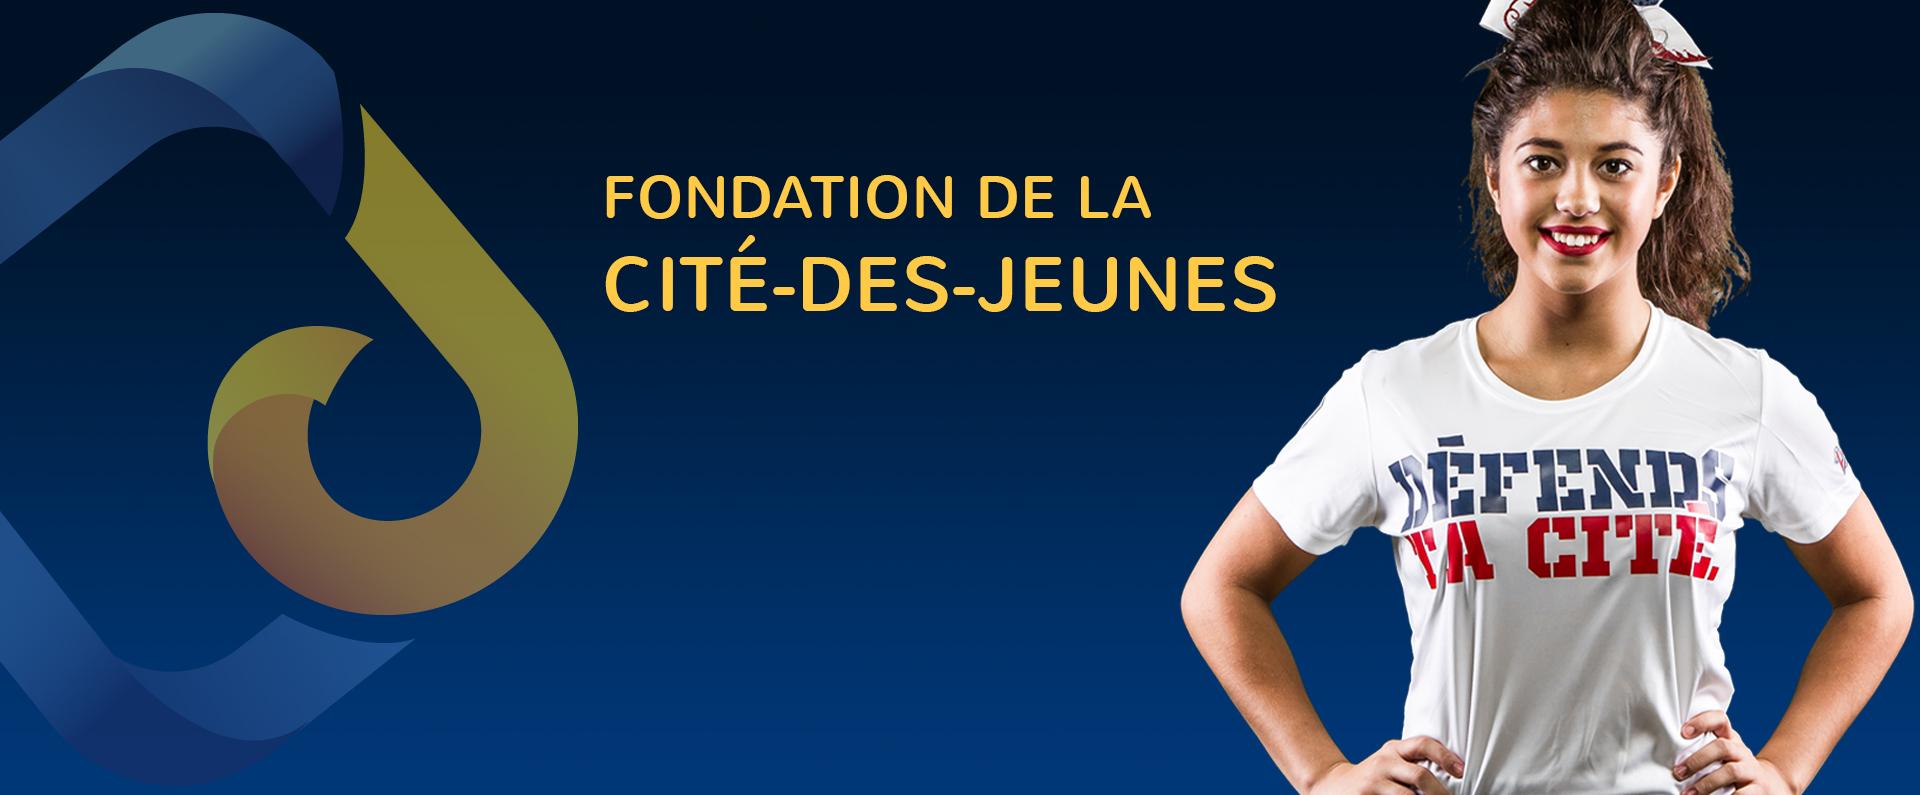 Fondation Cité des jeunes